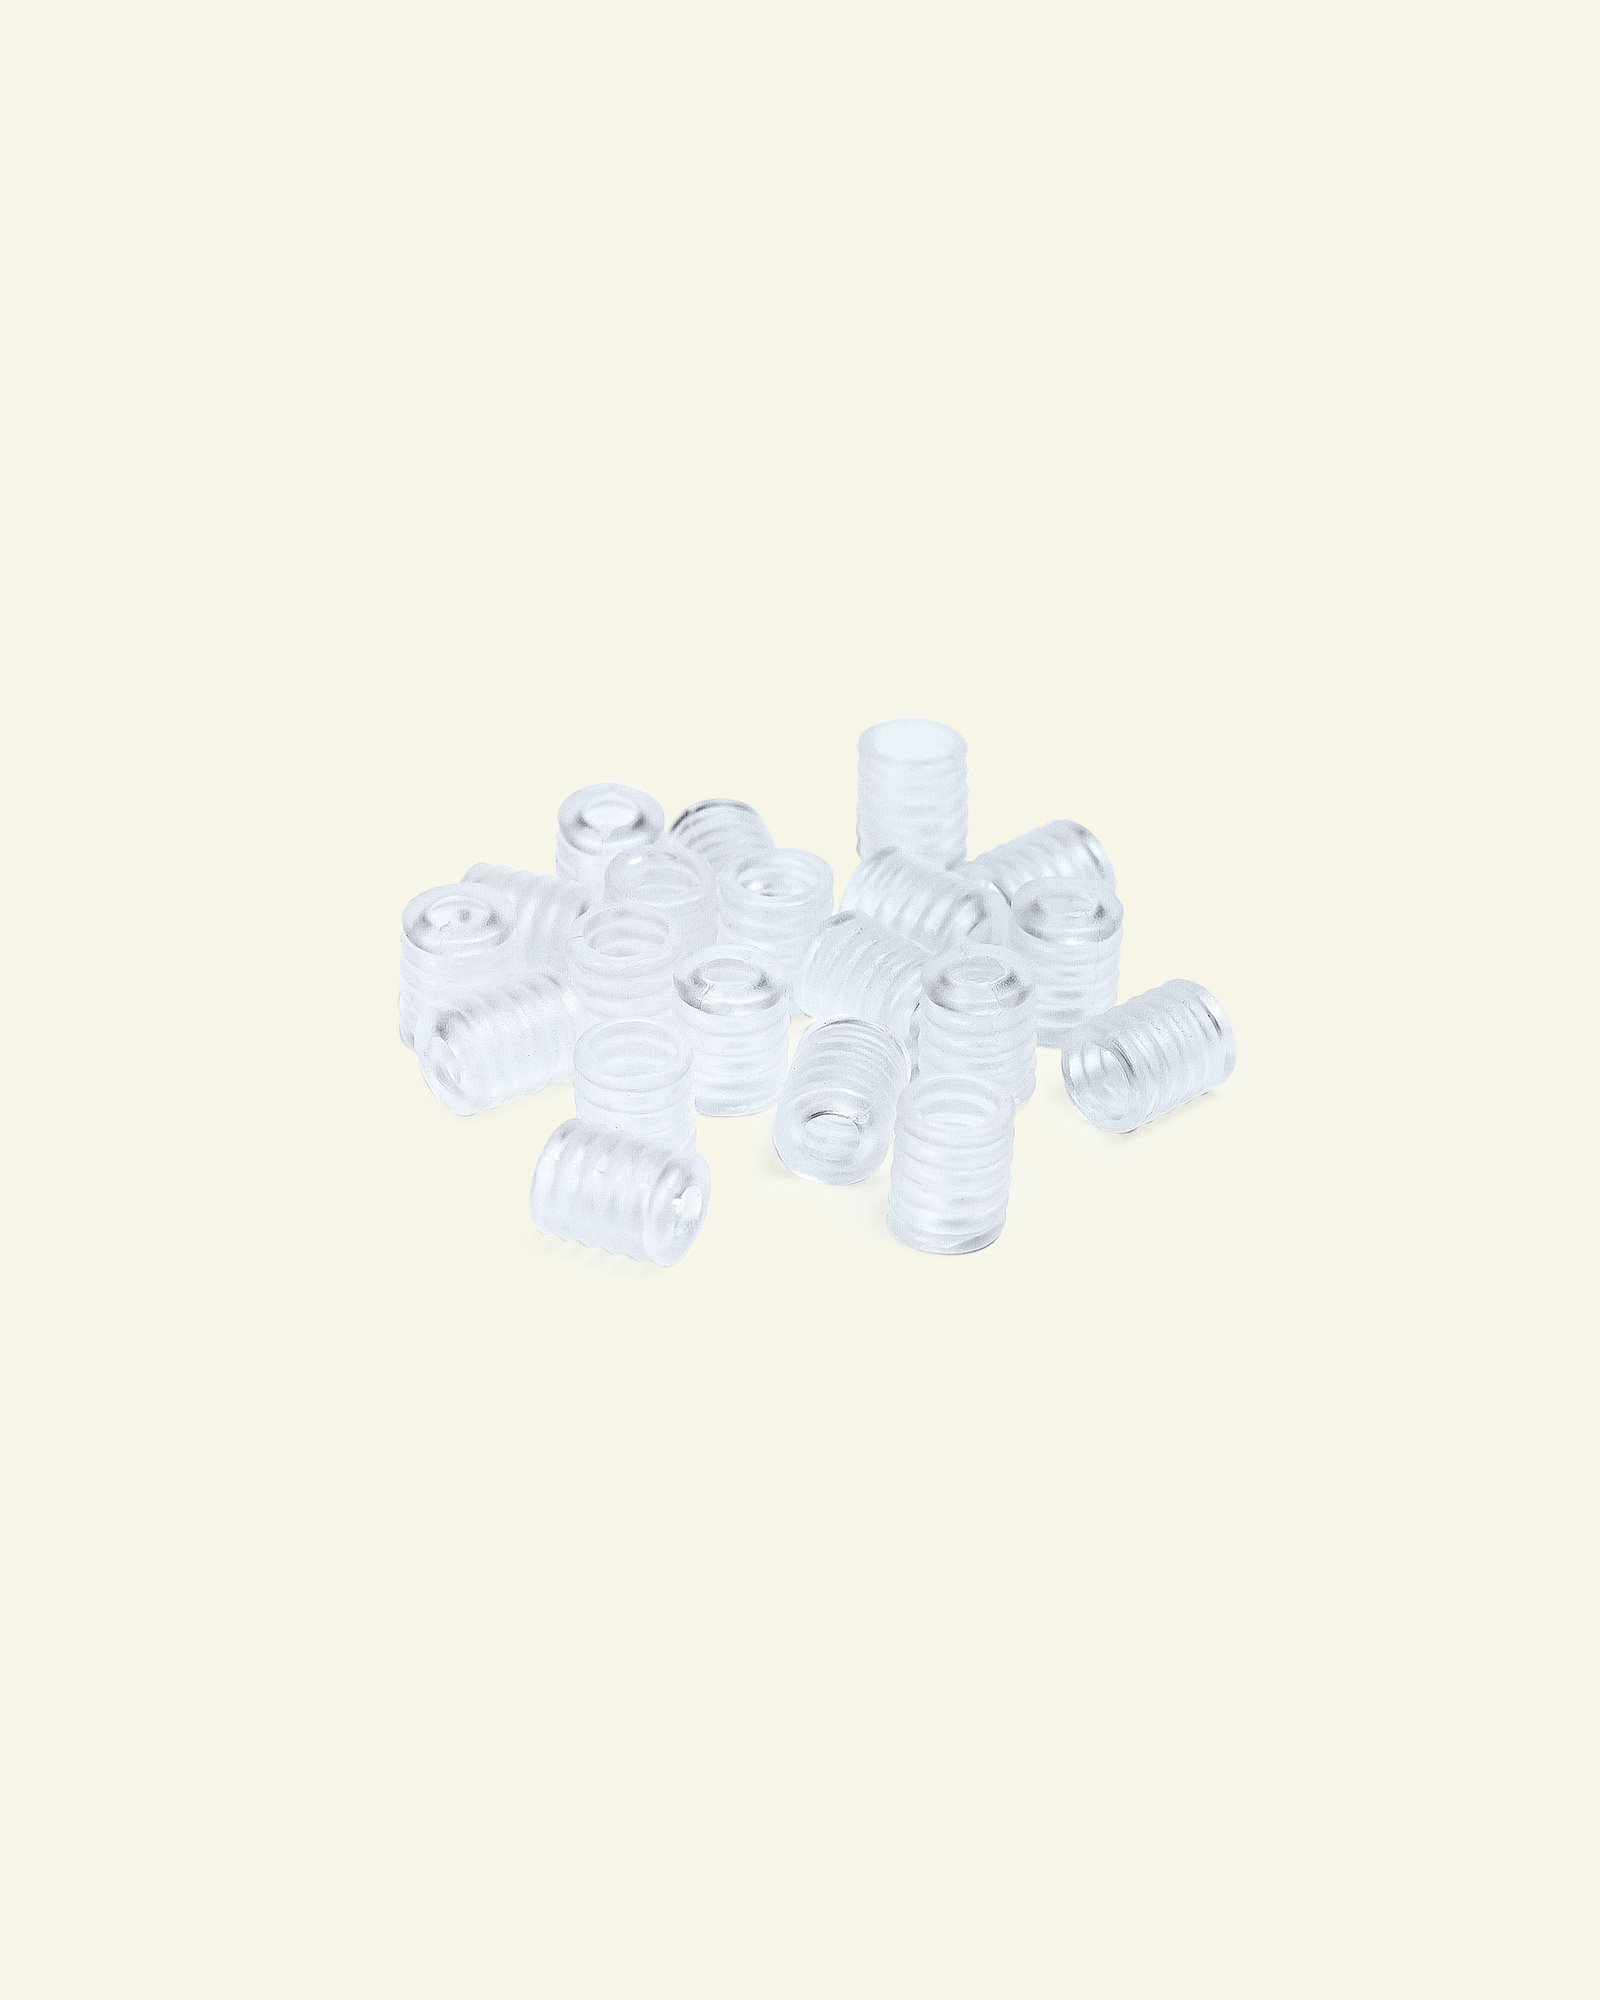 Schnurregulator 9x8mm transparent, 20St